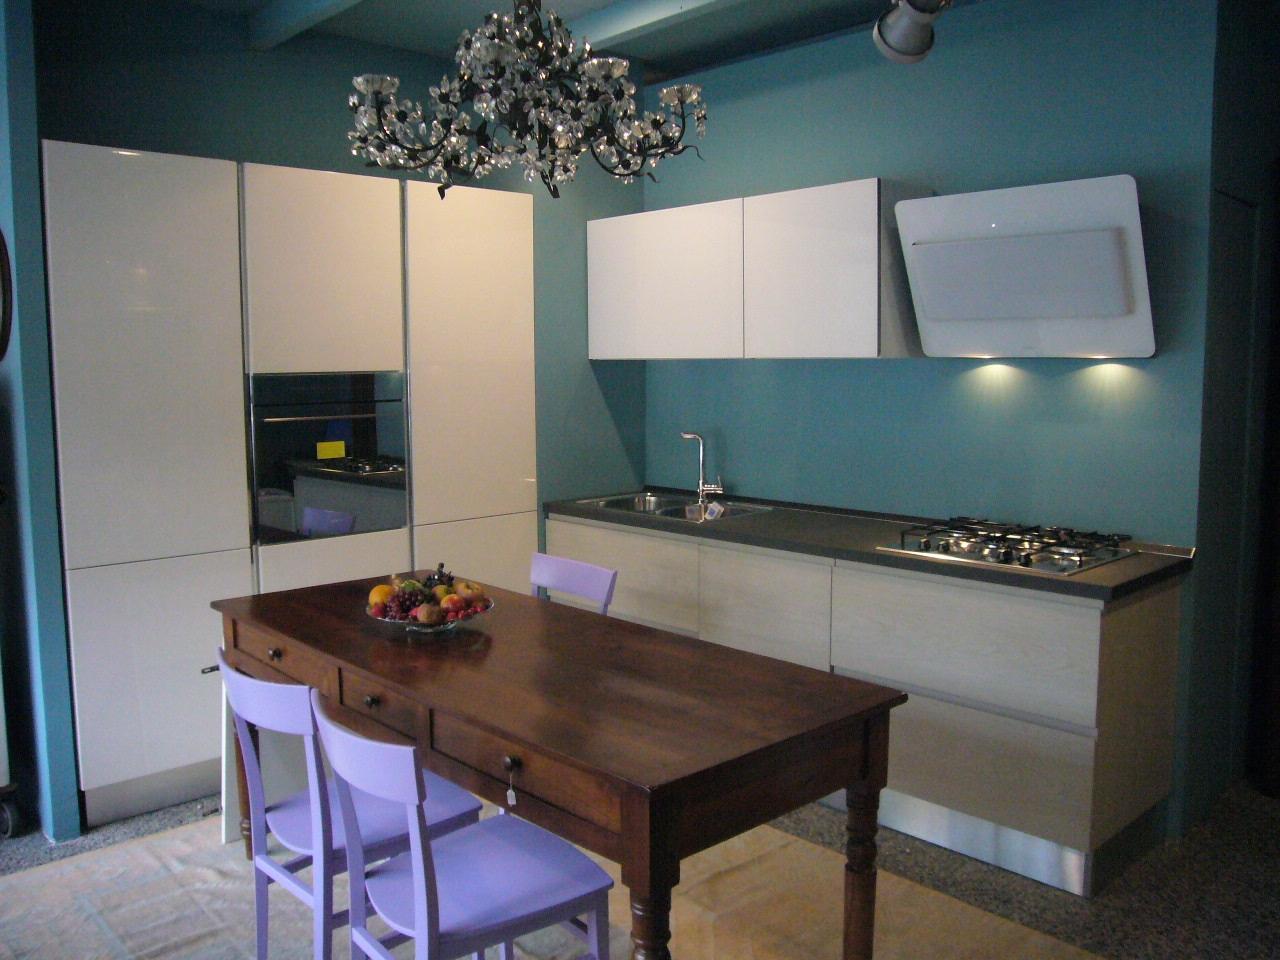 Cucina arredo3 in offerta cucine a prezzi scontati - Cucine arredo 3 ...